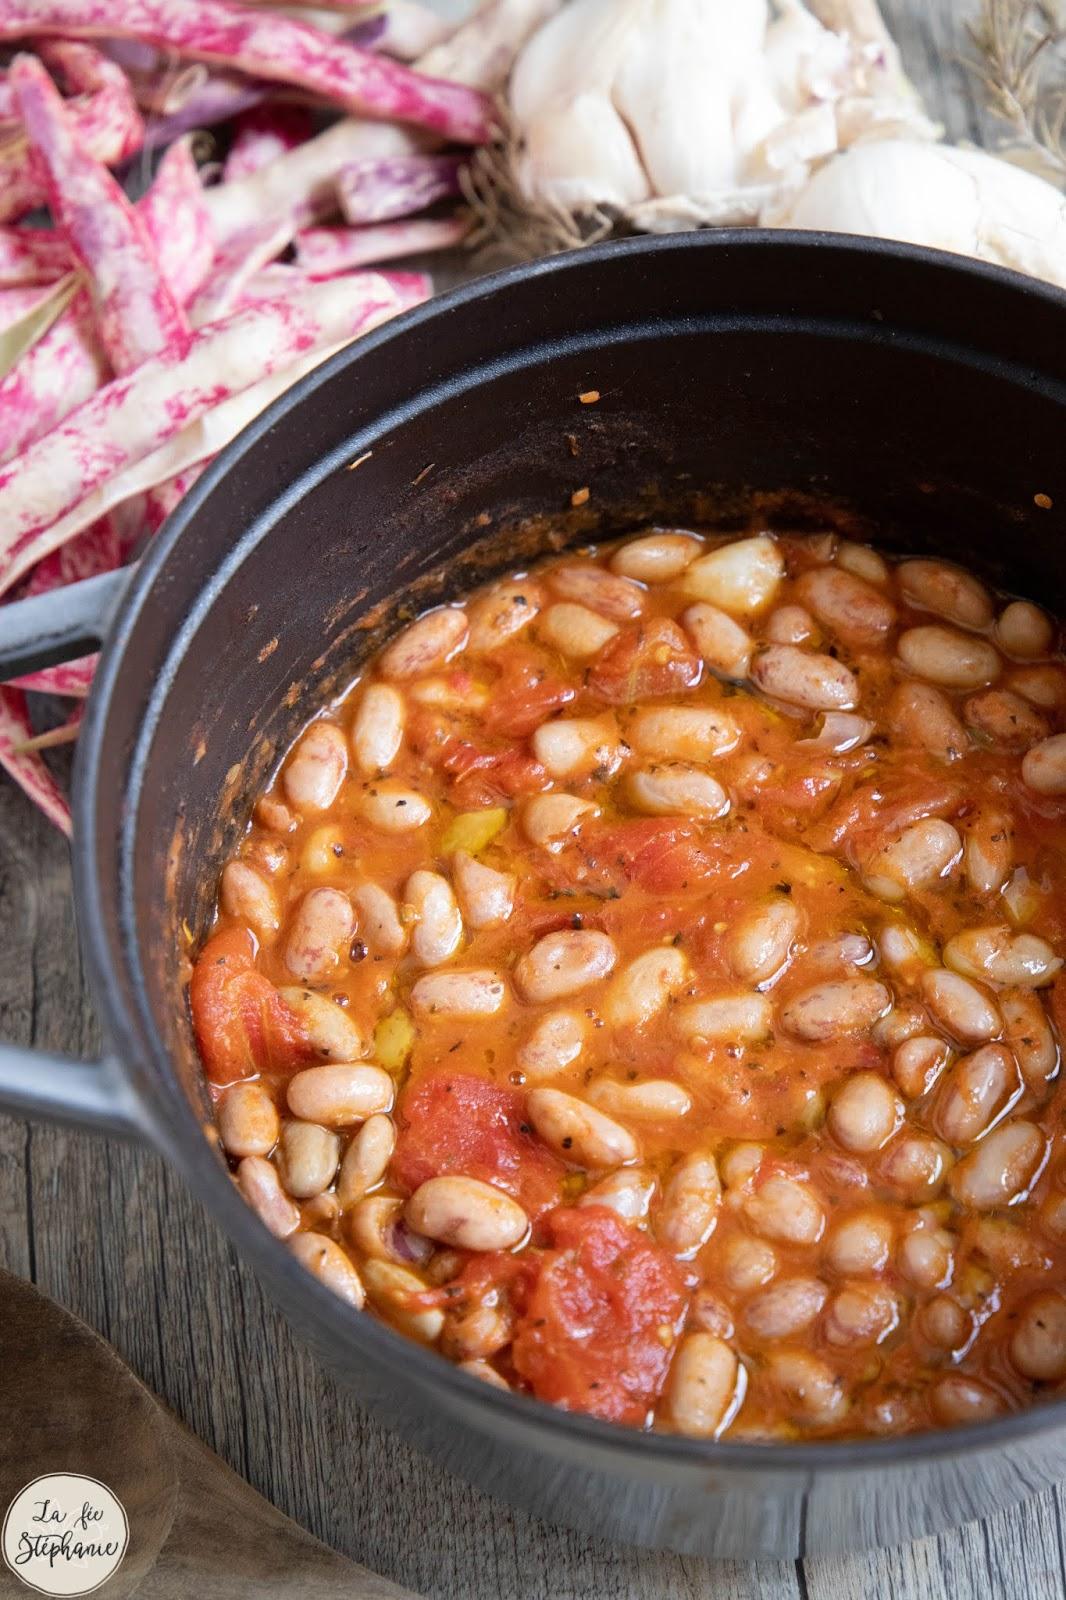 Cuisson Des Haricots Blancs Frais : cuisson, haricots, blancs, frais, Haricots, Frais, Délicieuses, Recettes